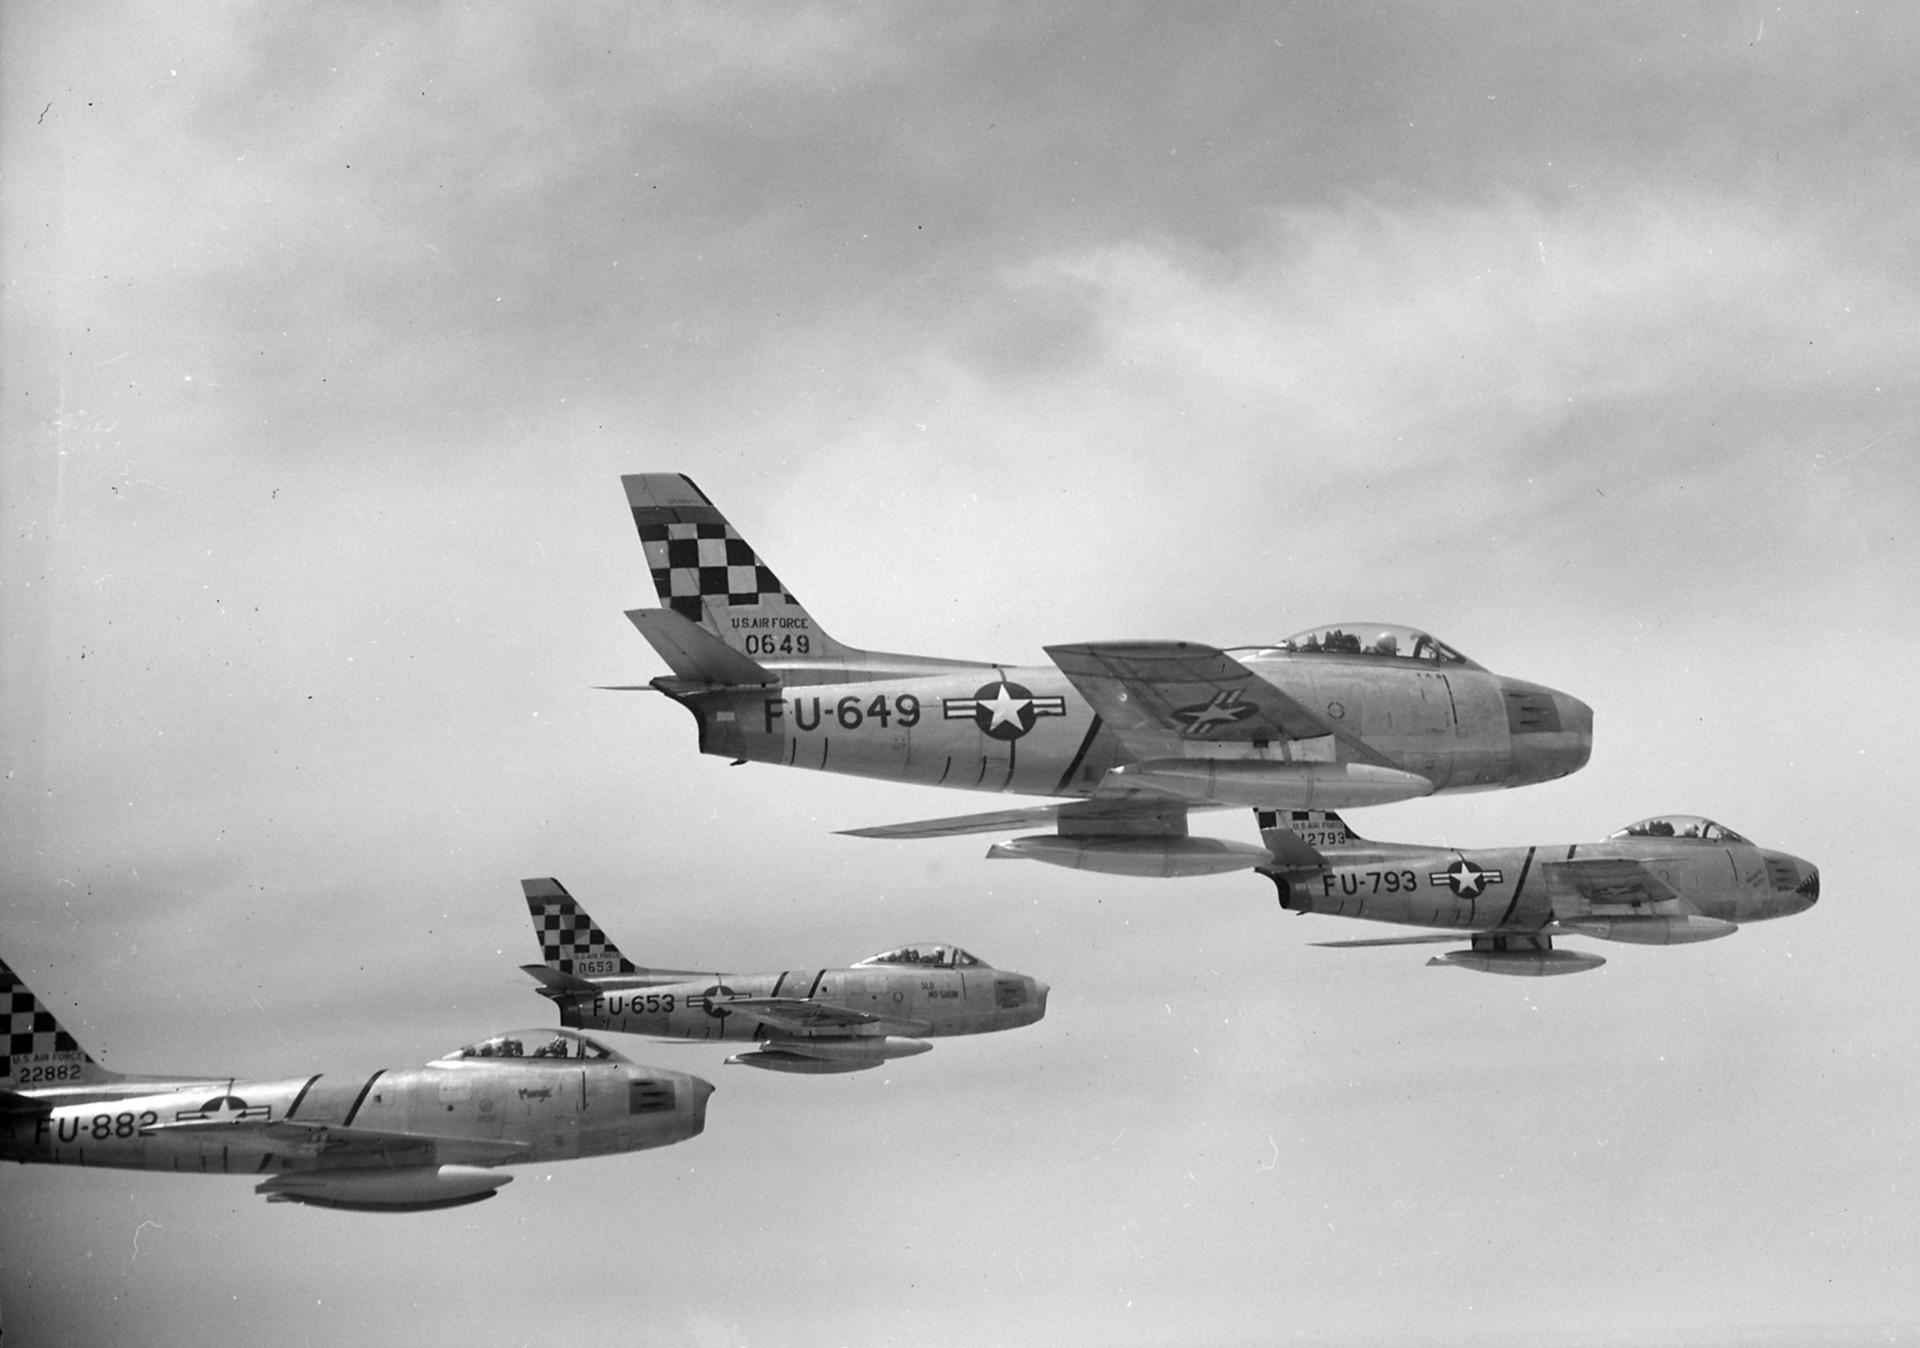 Quatro caças Sabre F-86E, da Força Aérea dos EUA, sobre a Coreia em 22 de maio de 1953